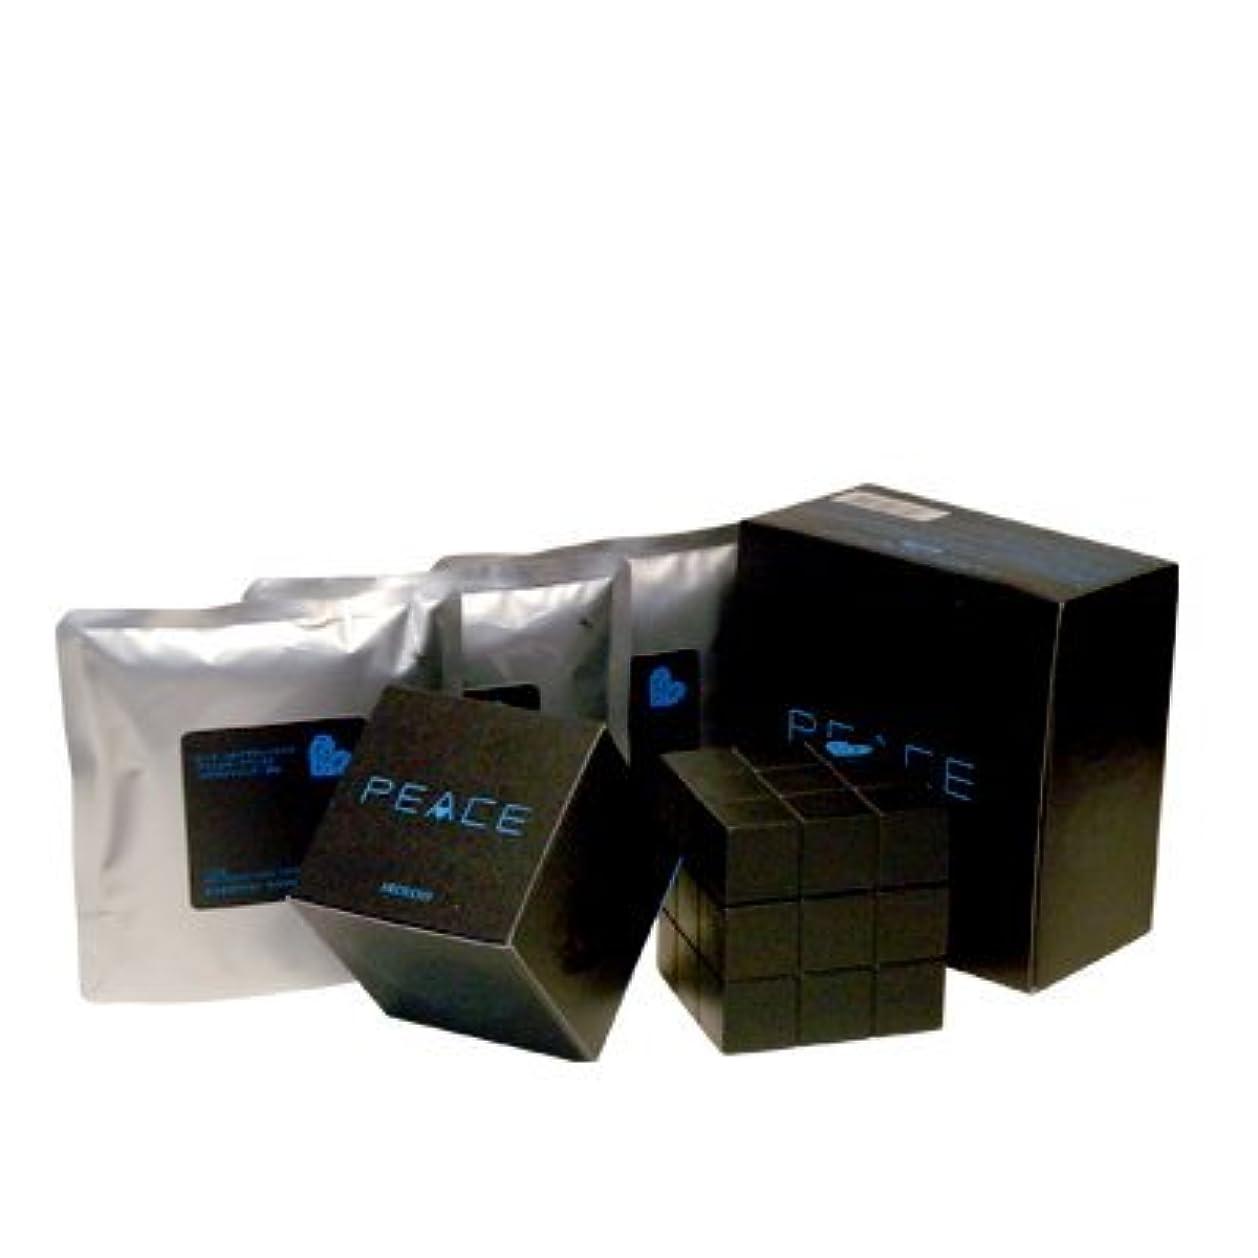 匿名有限フローアリミノ ピース プロデザインシリーズ フリーズキープワックス ブラック80g+詰め替え80g×3